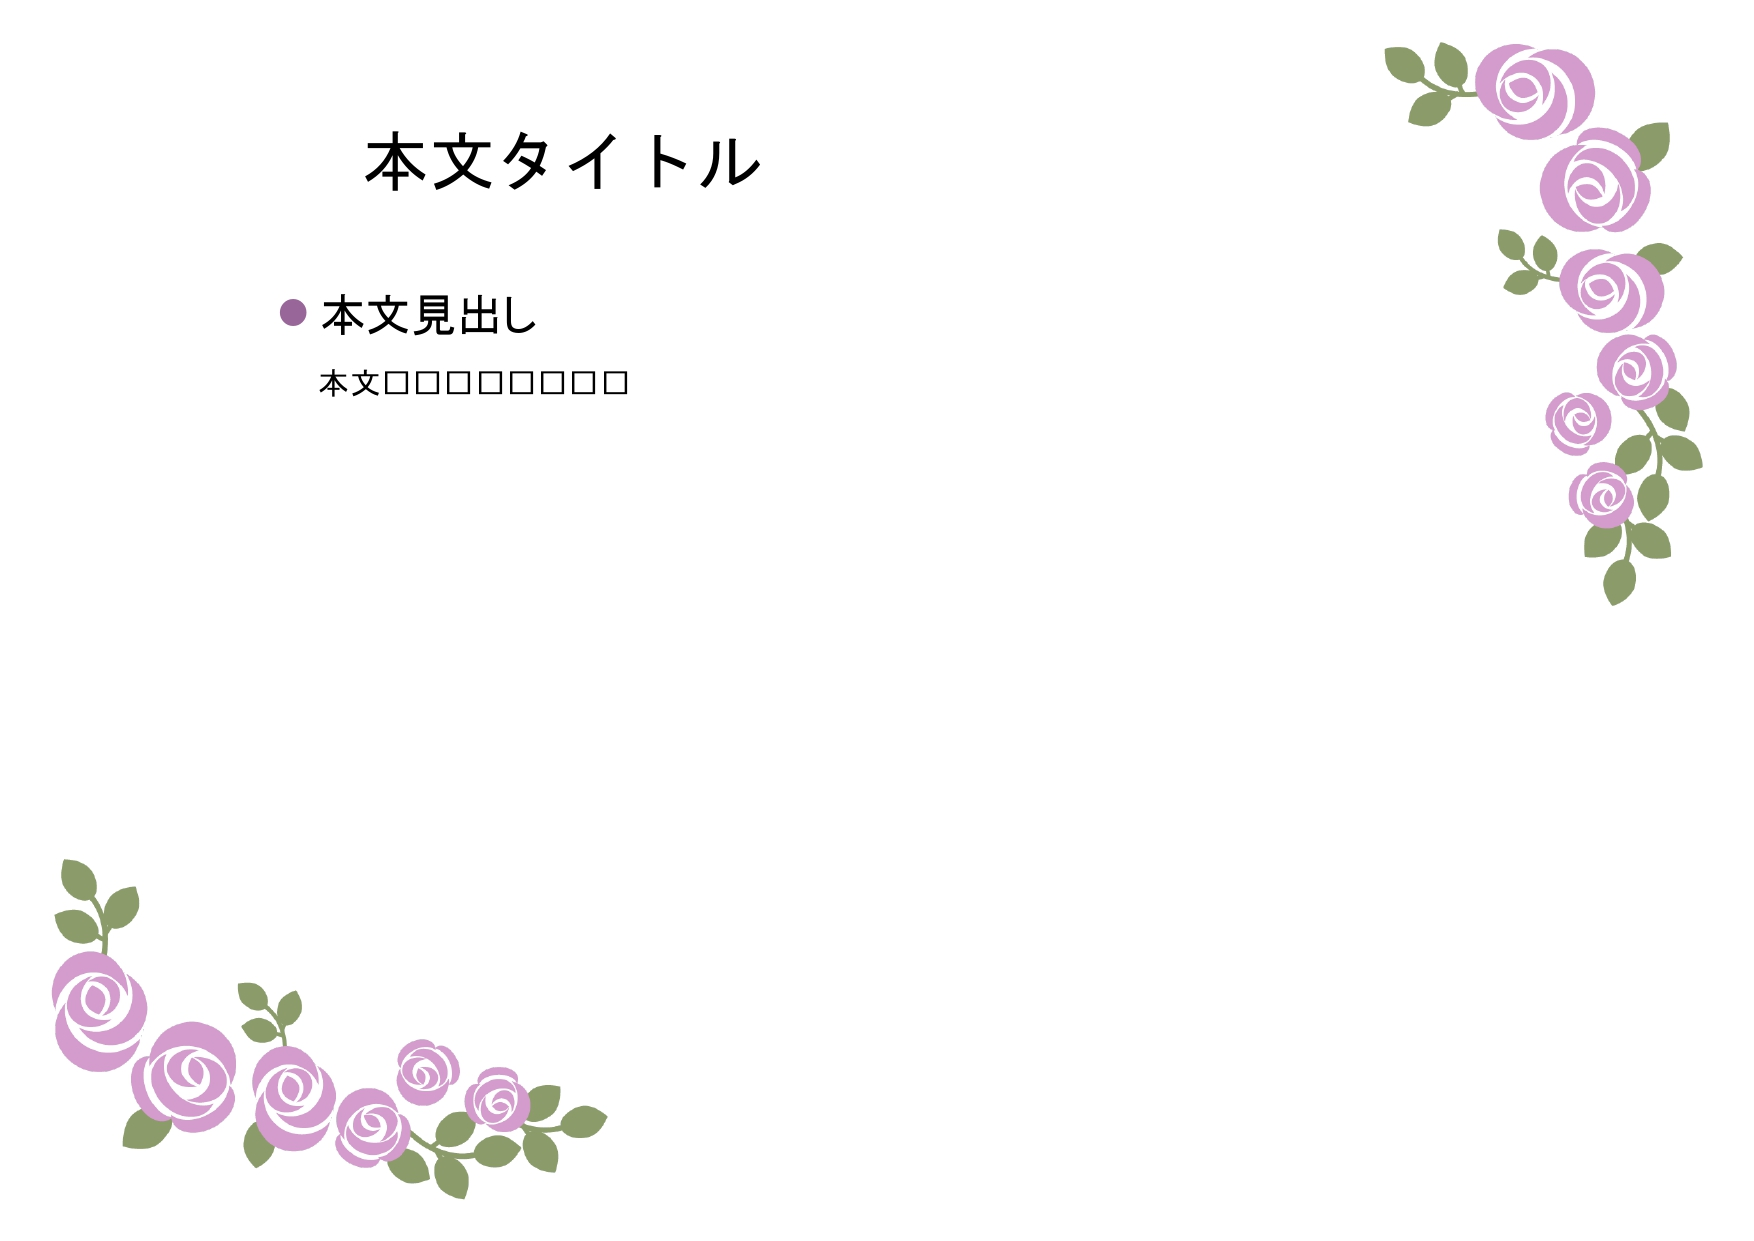 薔薇の花の背景「パープル」の二ページ目